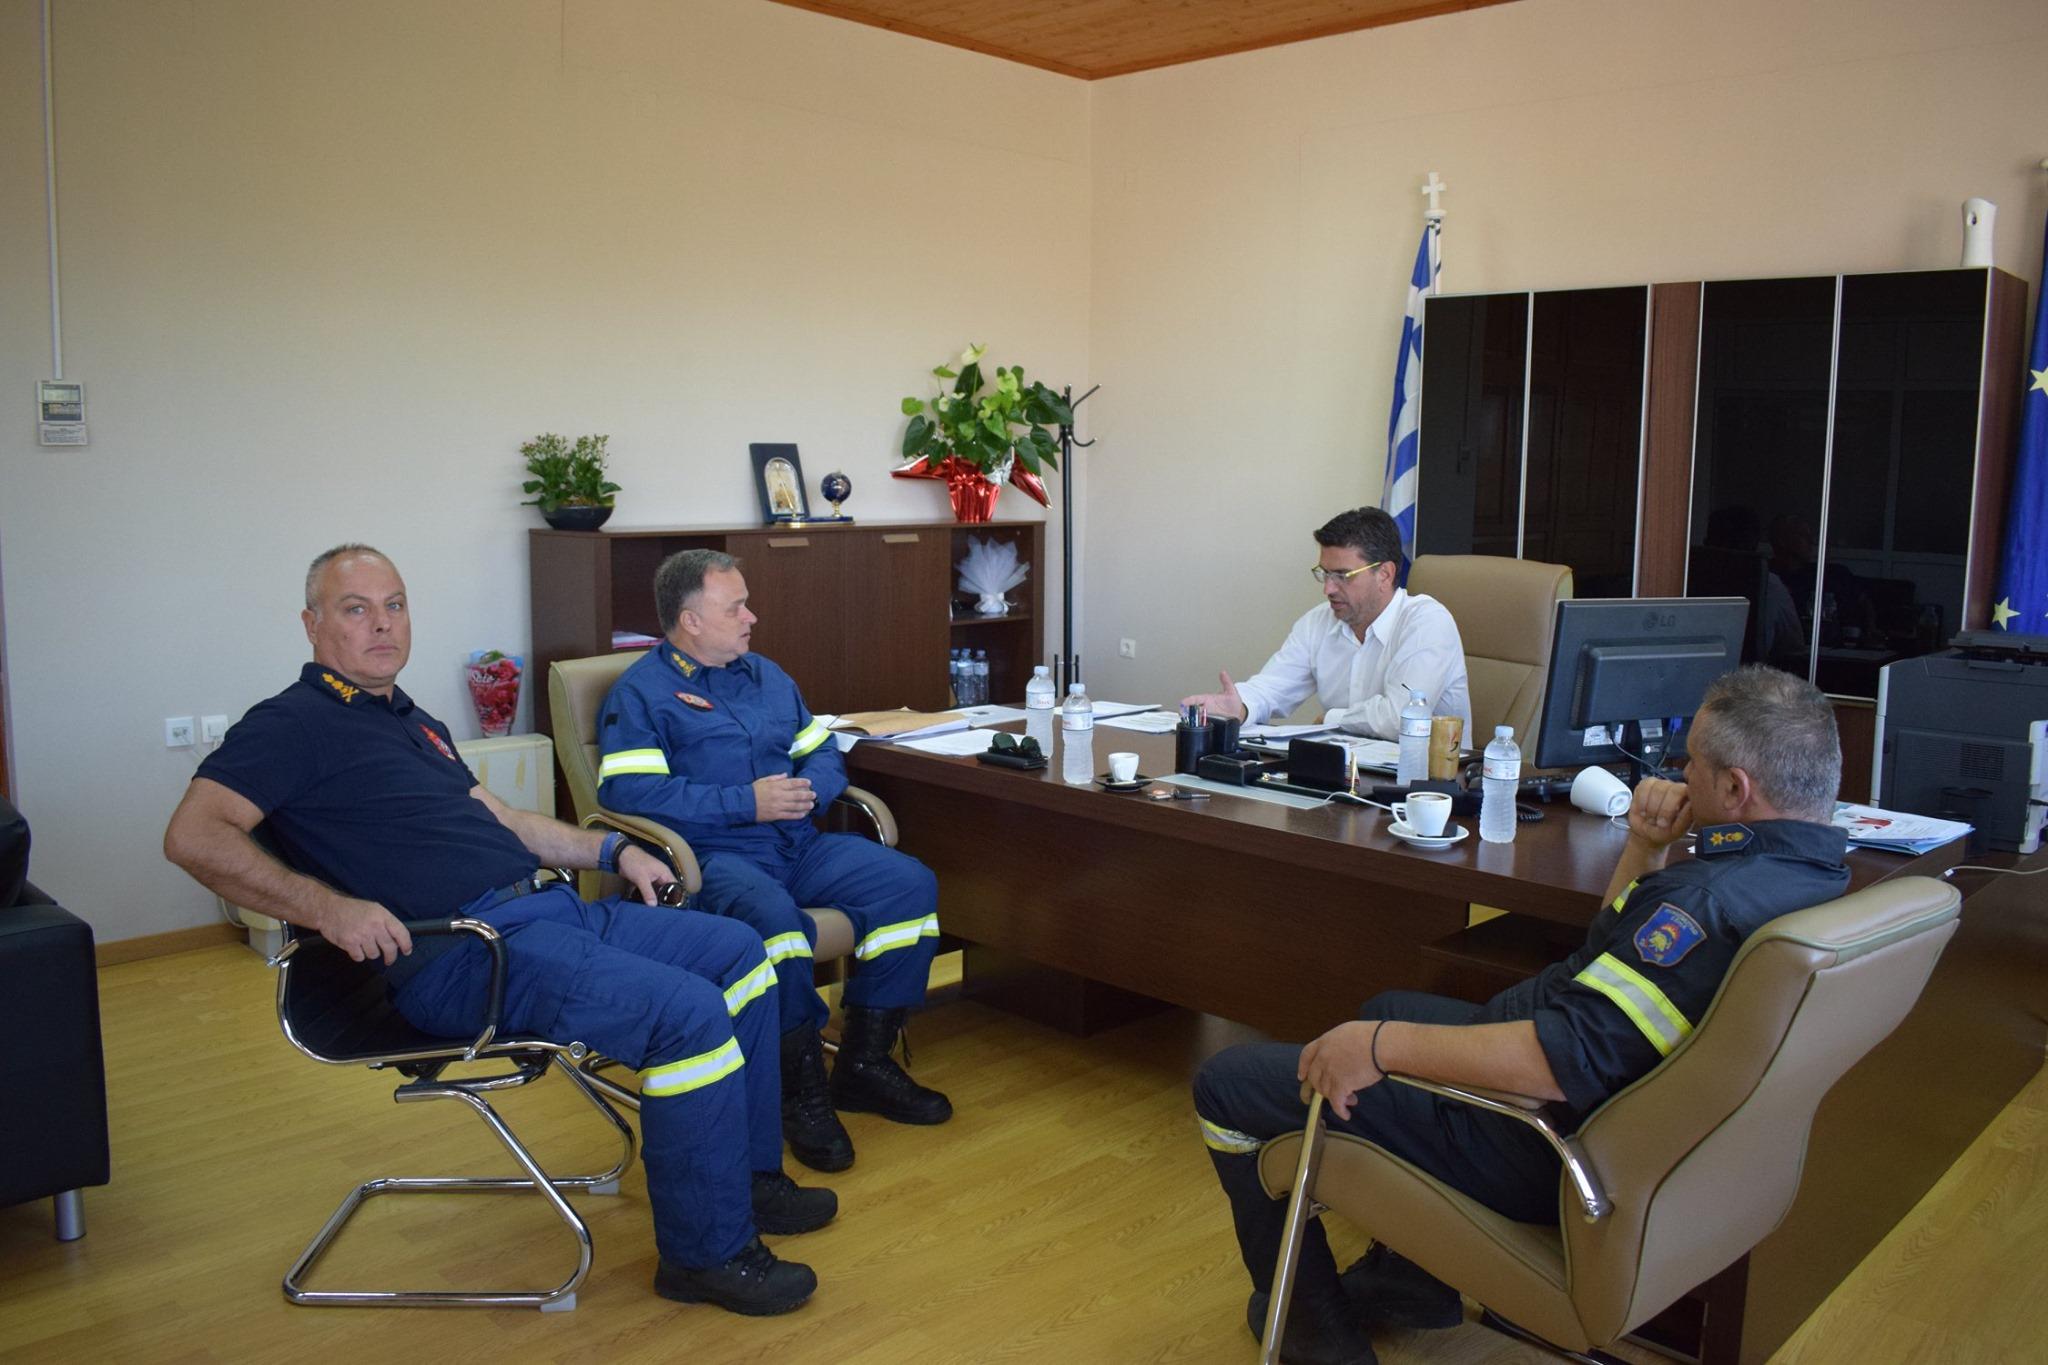 Δήμος Ανδραβίδας-Κυλλήνης: Εθιμοτυπική επίσκεψη στον Δήμαρχο Γιάννη Λέντζα από τον Διοικητή Πυροσβεστικής Υπηρεσίας Πύργου (photos)